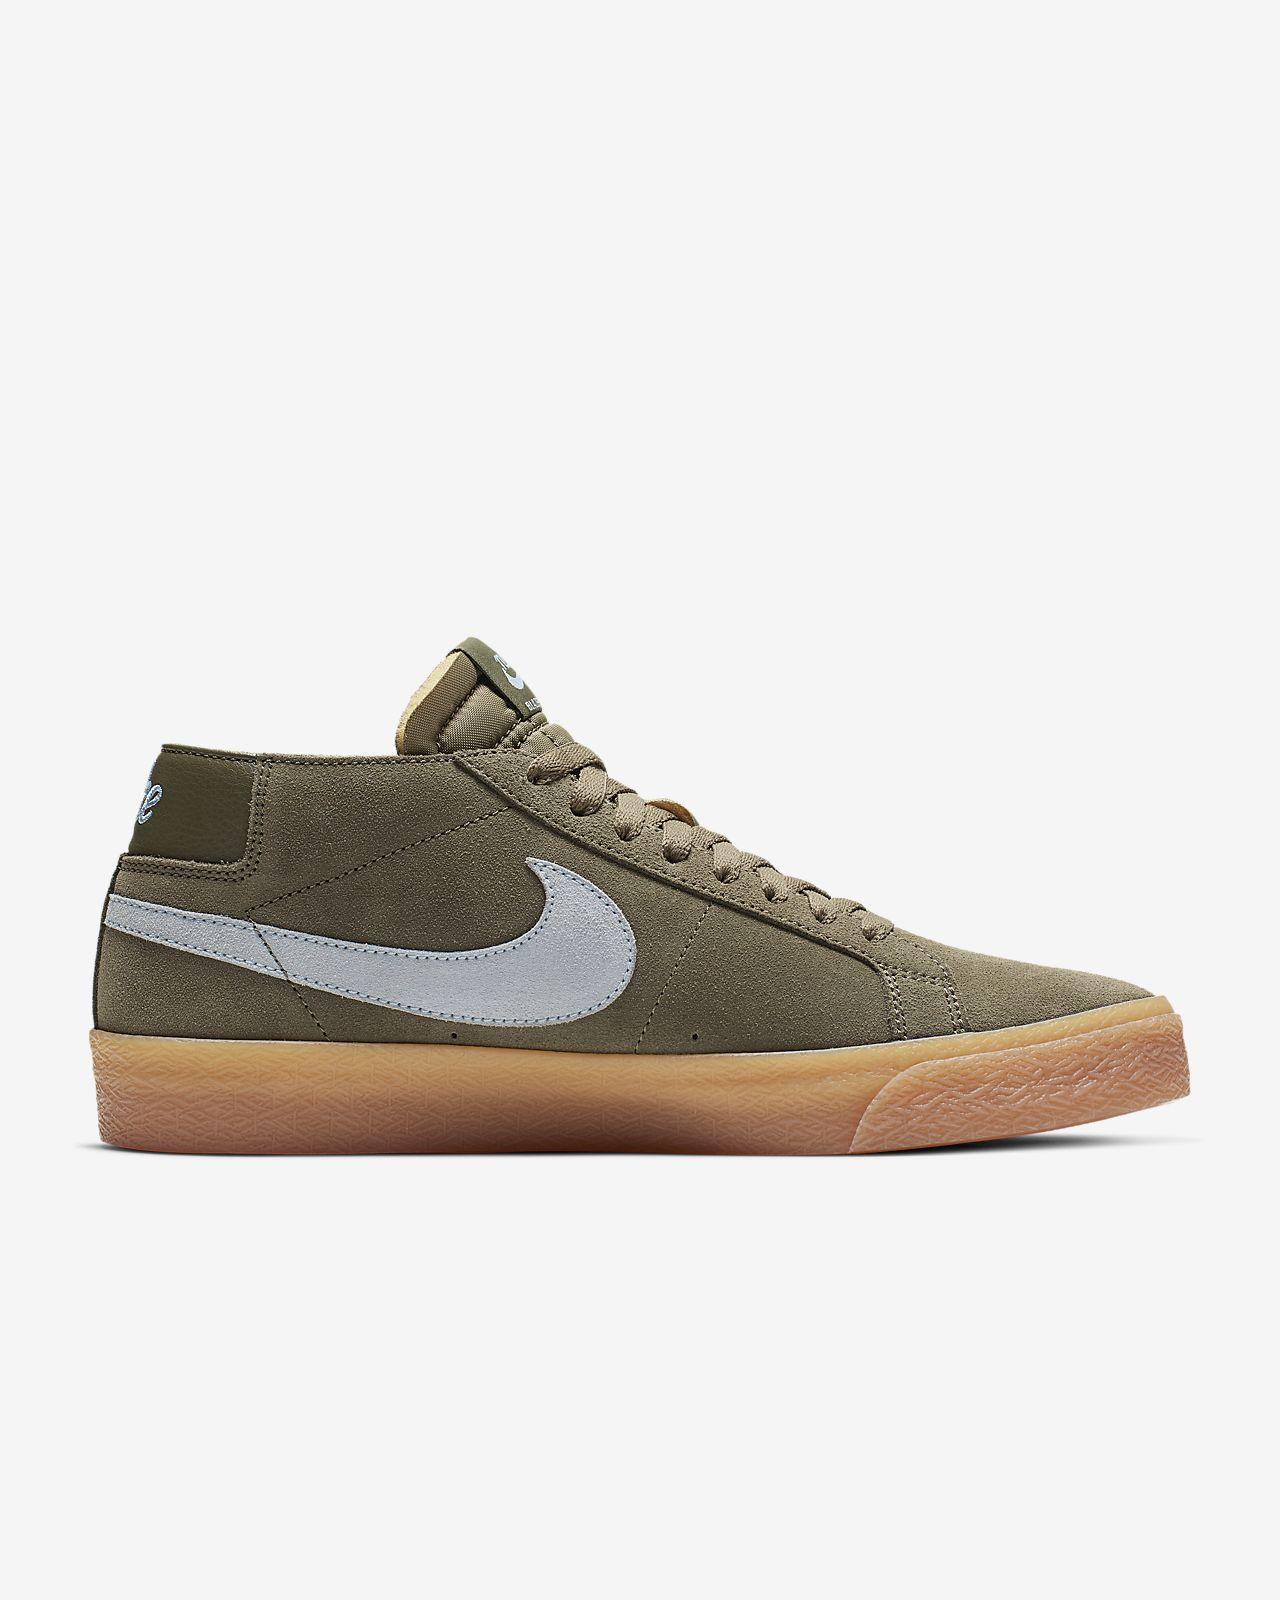 6853ce15ff14b Nike SB Zoom Blazer Chukka Men s Skate Shoe. Nike.com GB